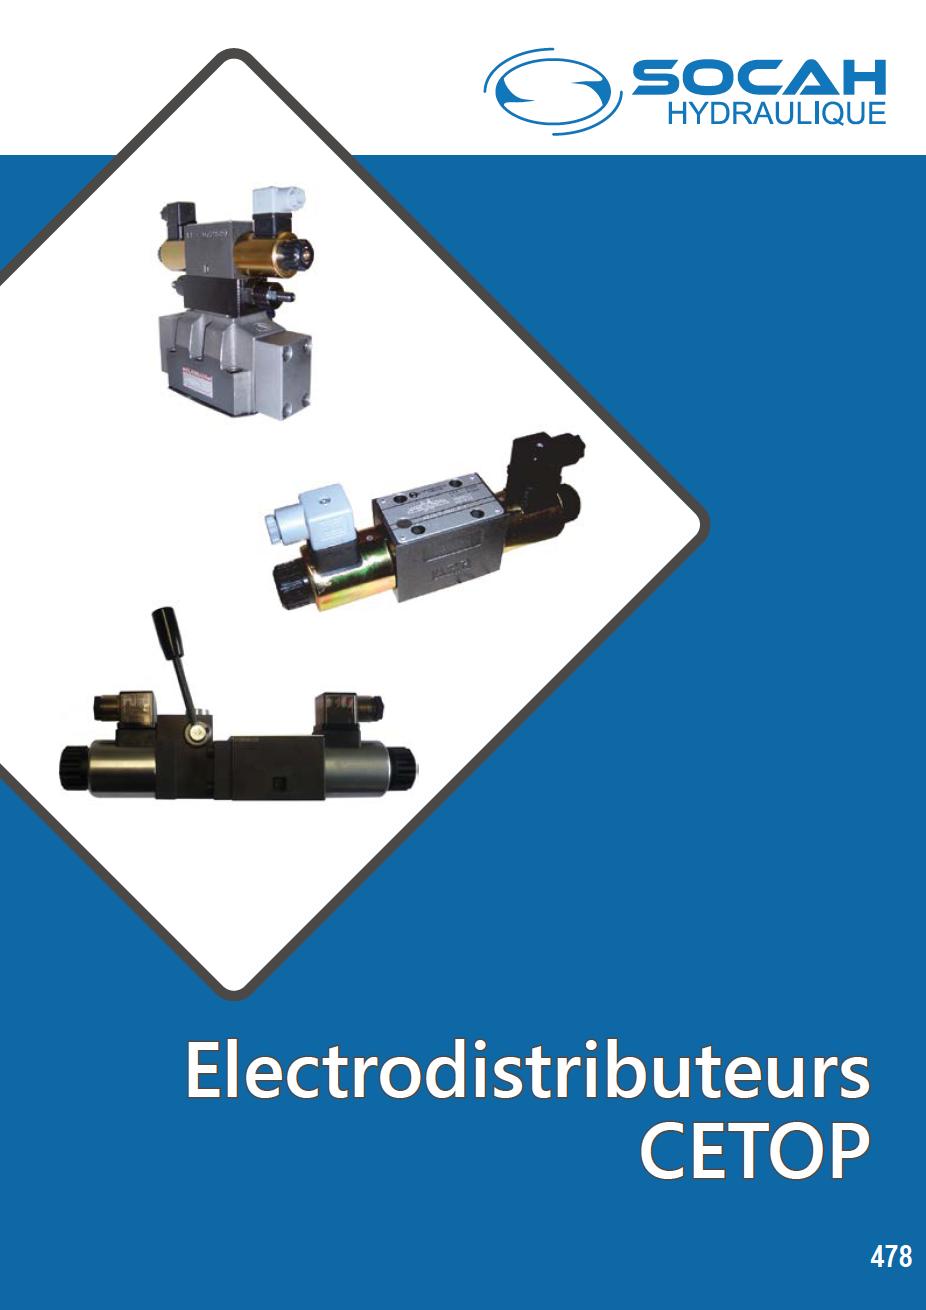 Fiche technique électrodistributeurs